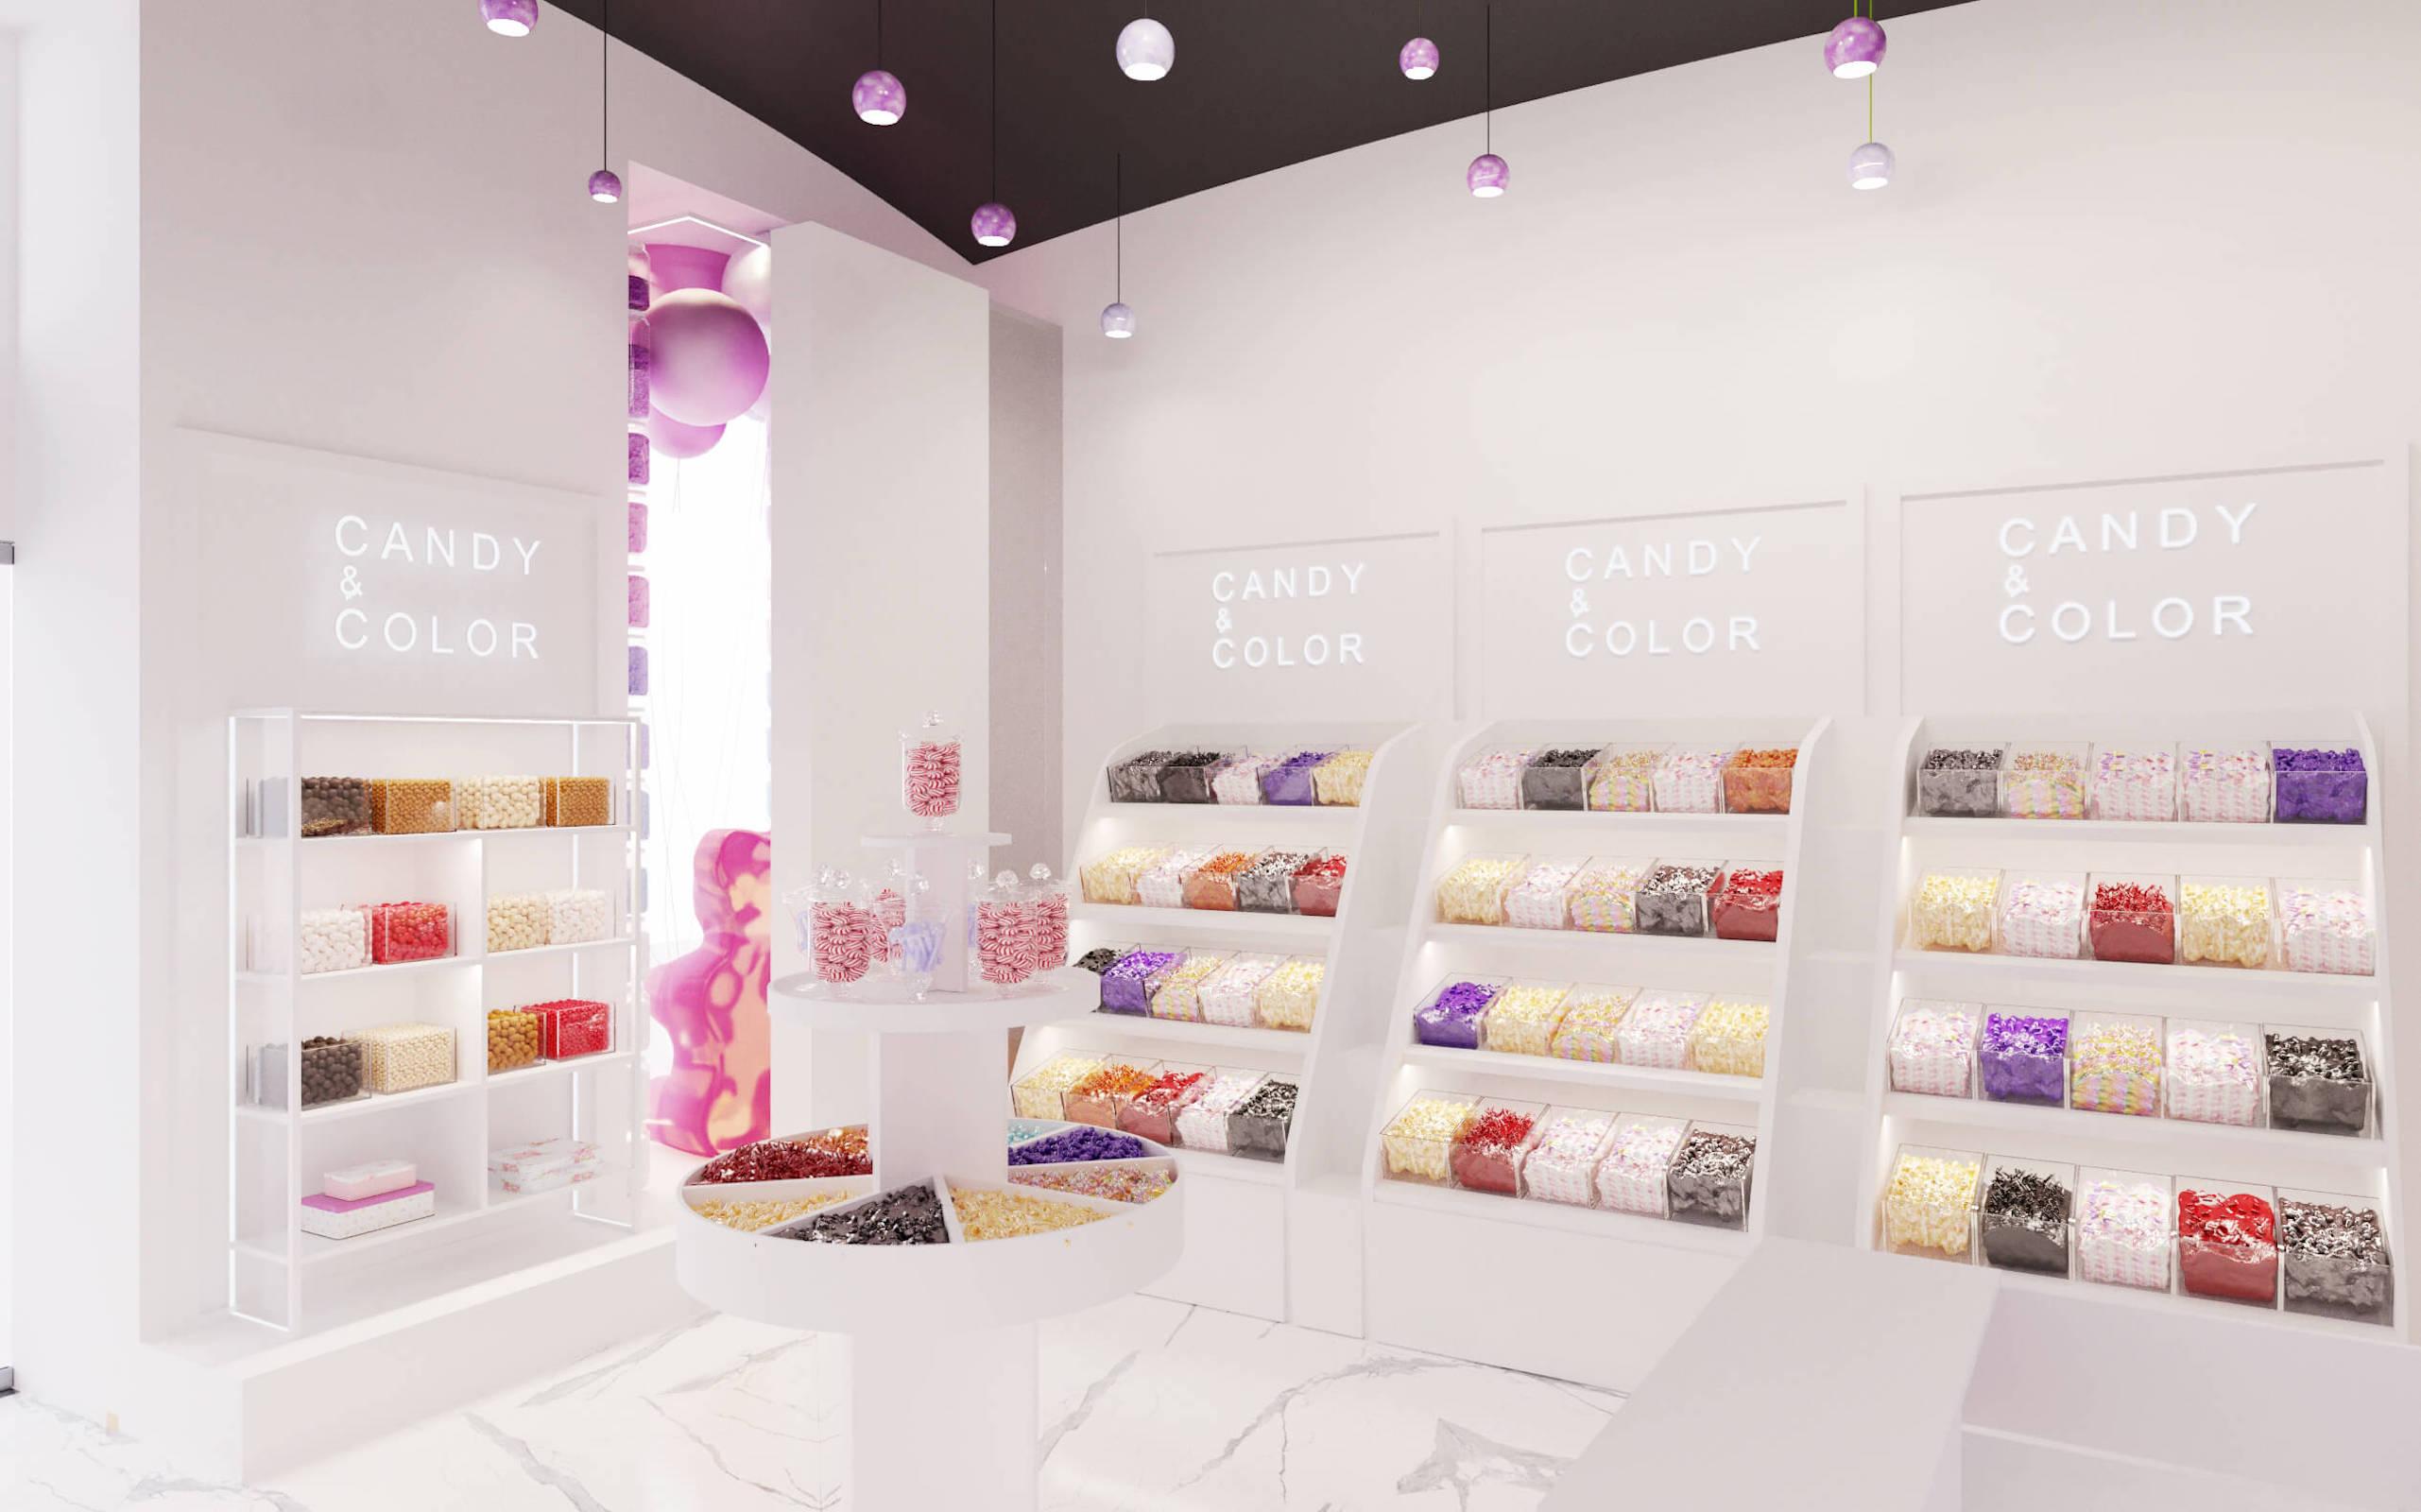 кондитерский магазин дизайн